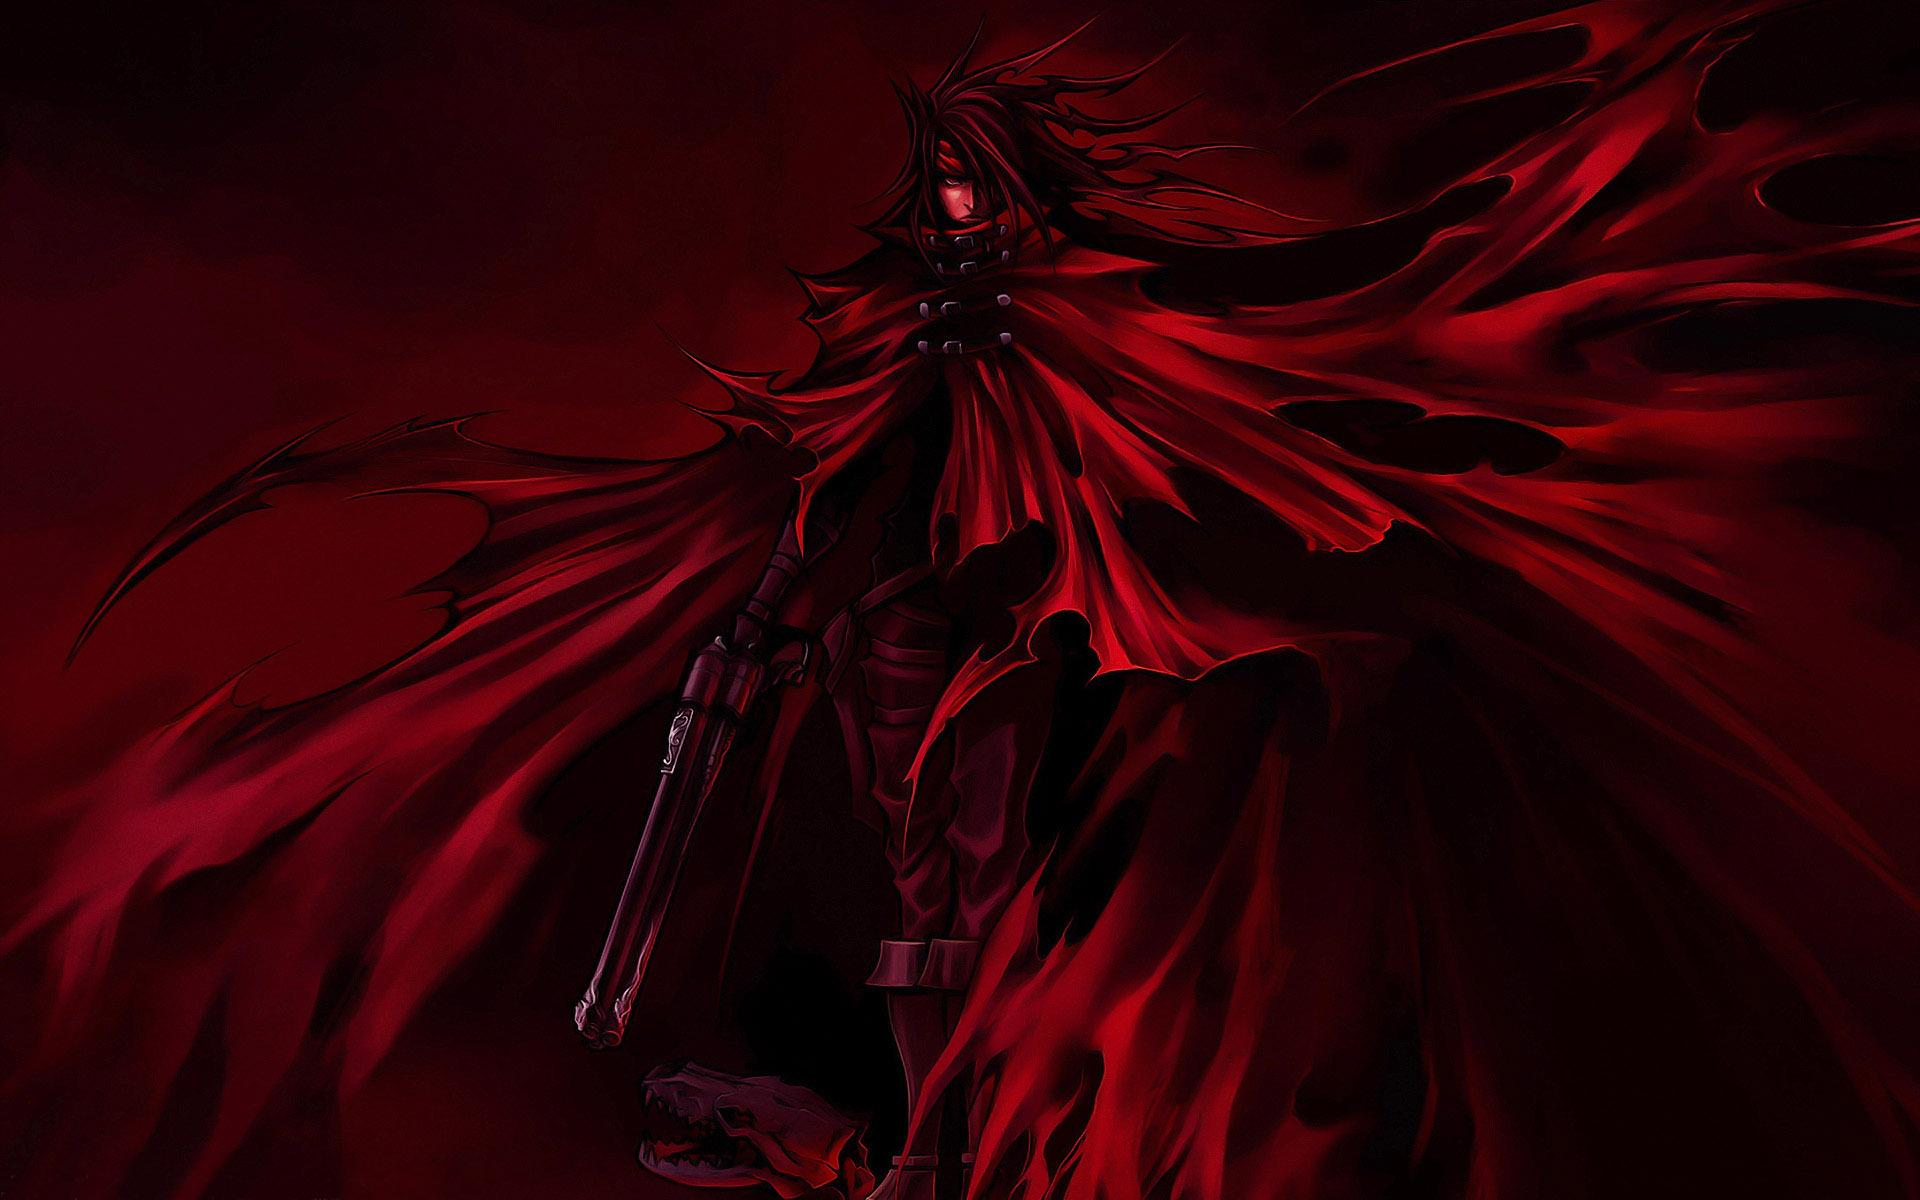 Vincent Valentine HD Wallpaper Background Image